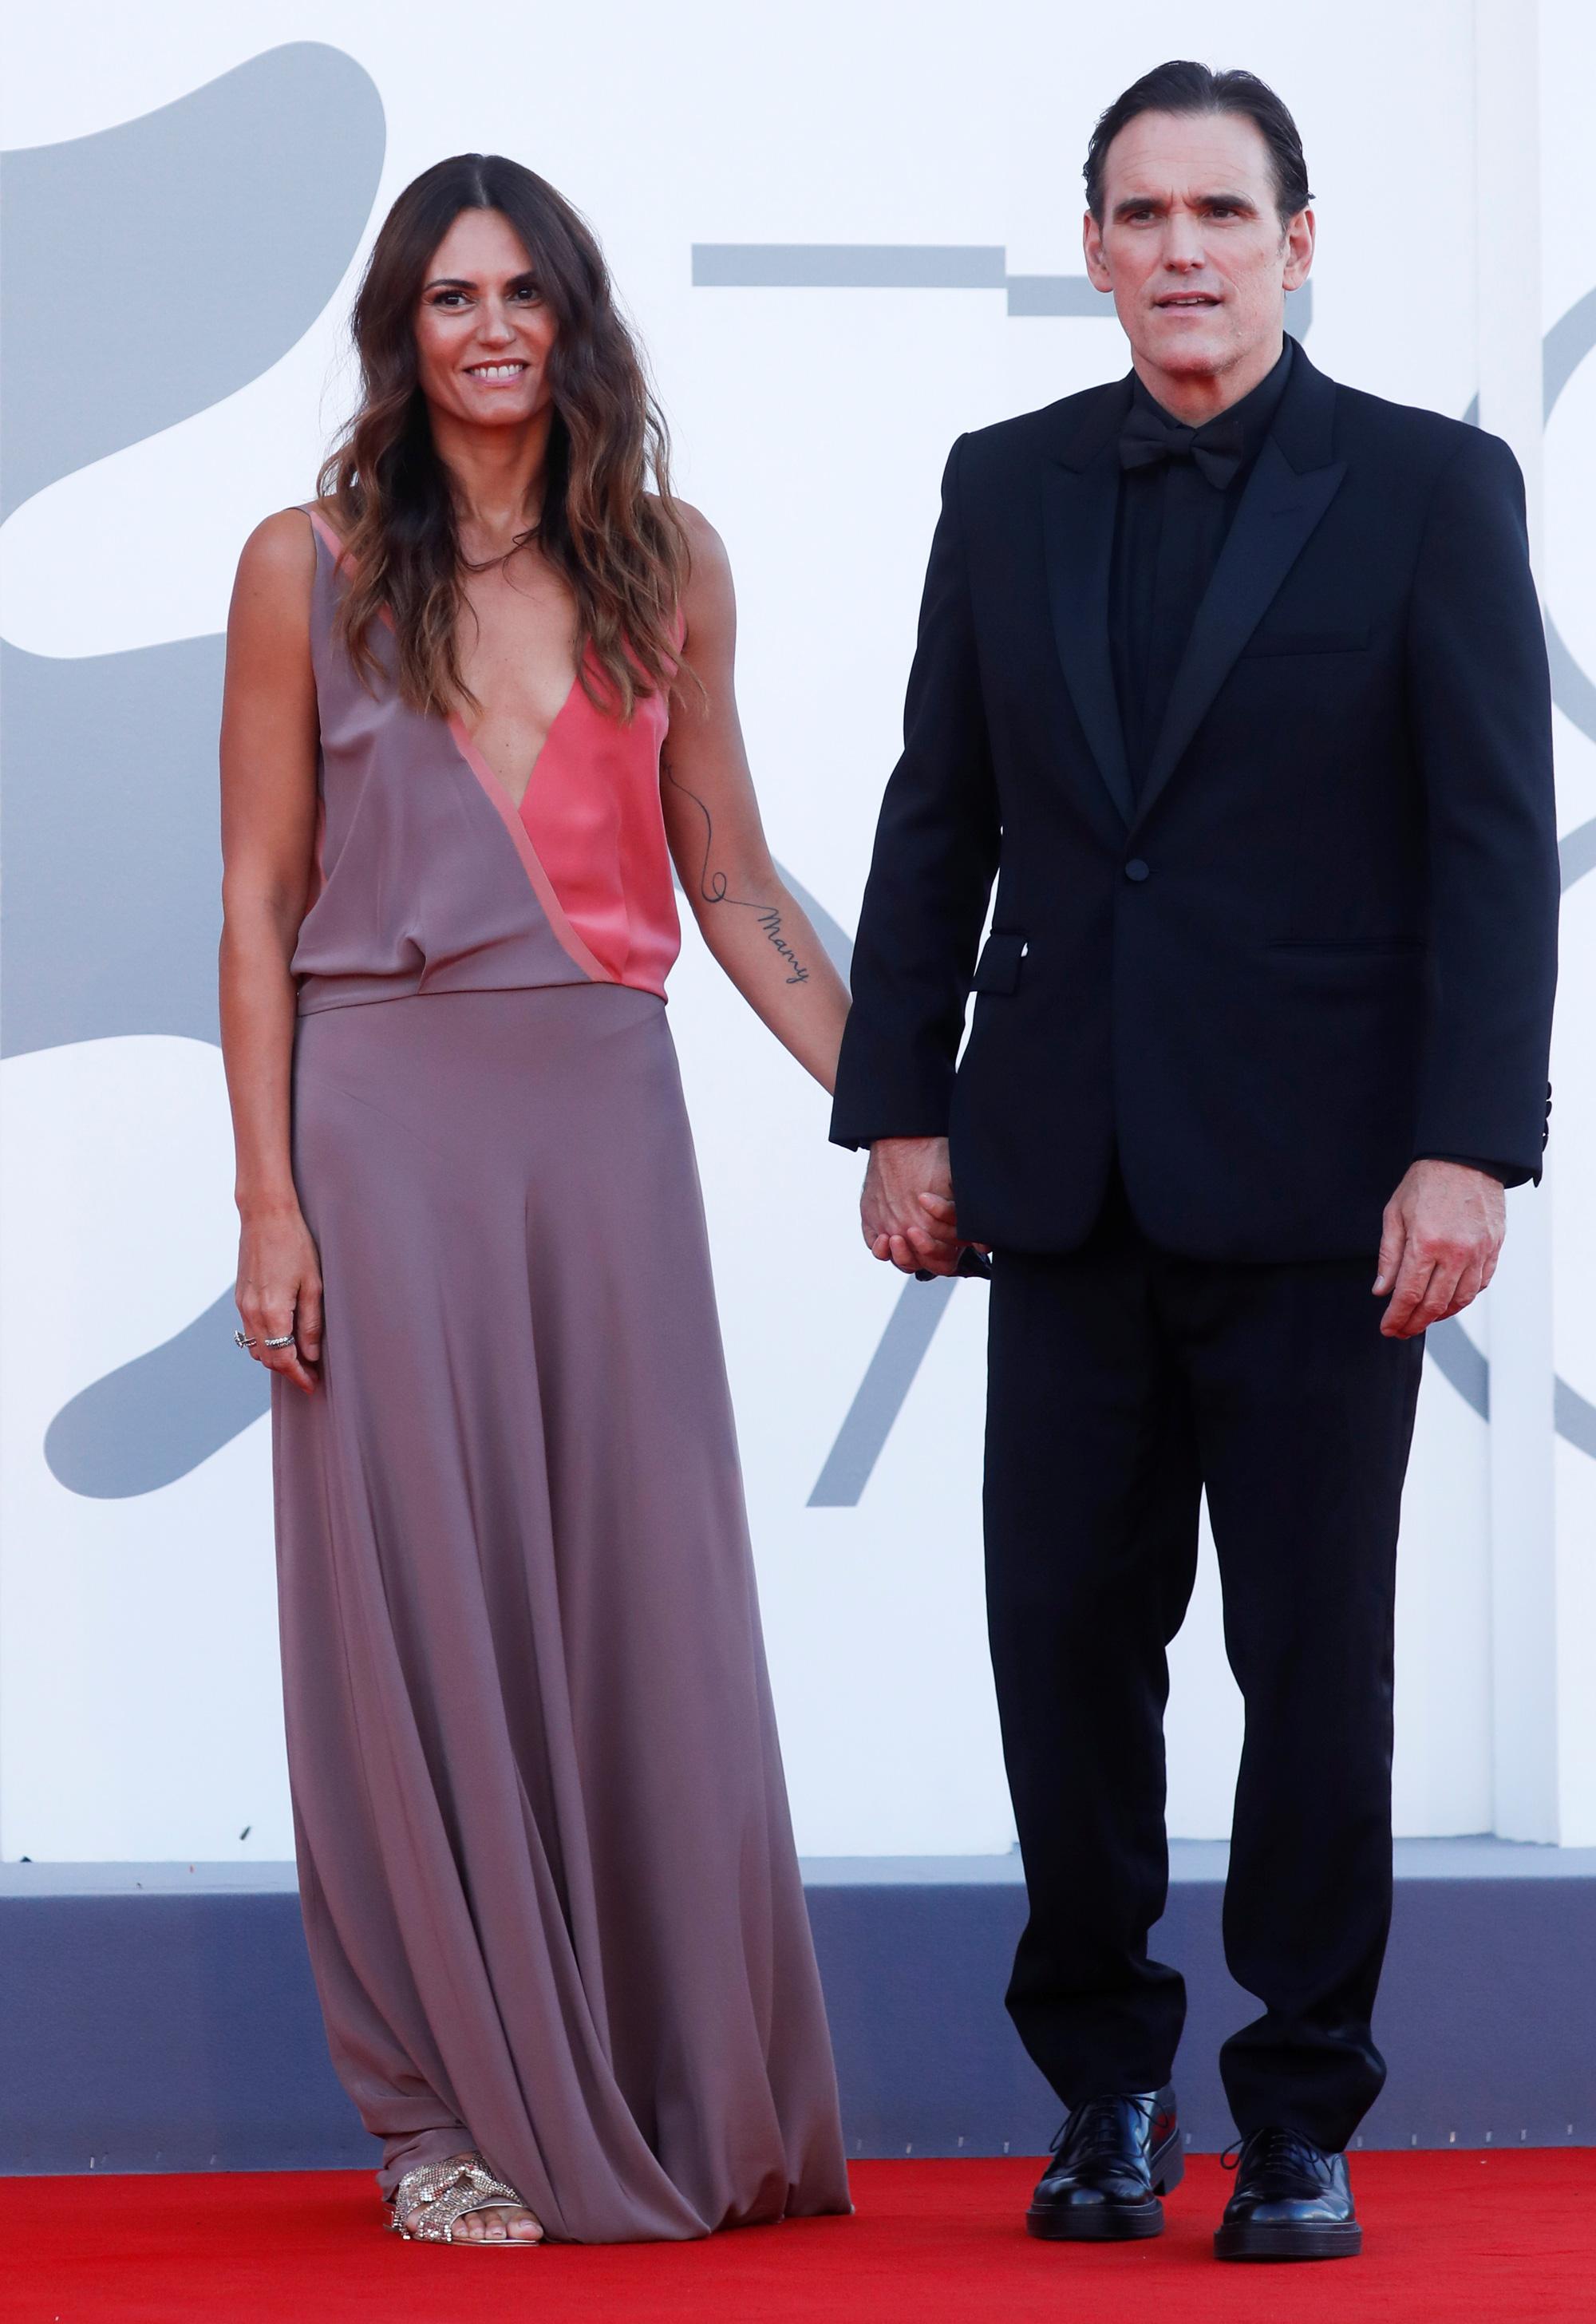 """Sao phim """"Avatar"""" trao nụ hôn trên thảm đỏ Liên hoan phim Venice - Ảnh 7."""